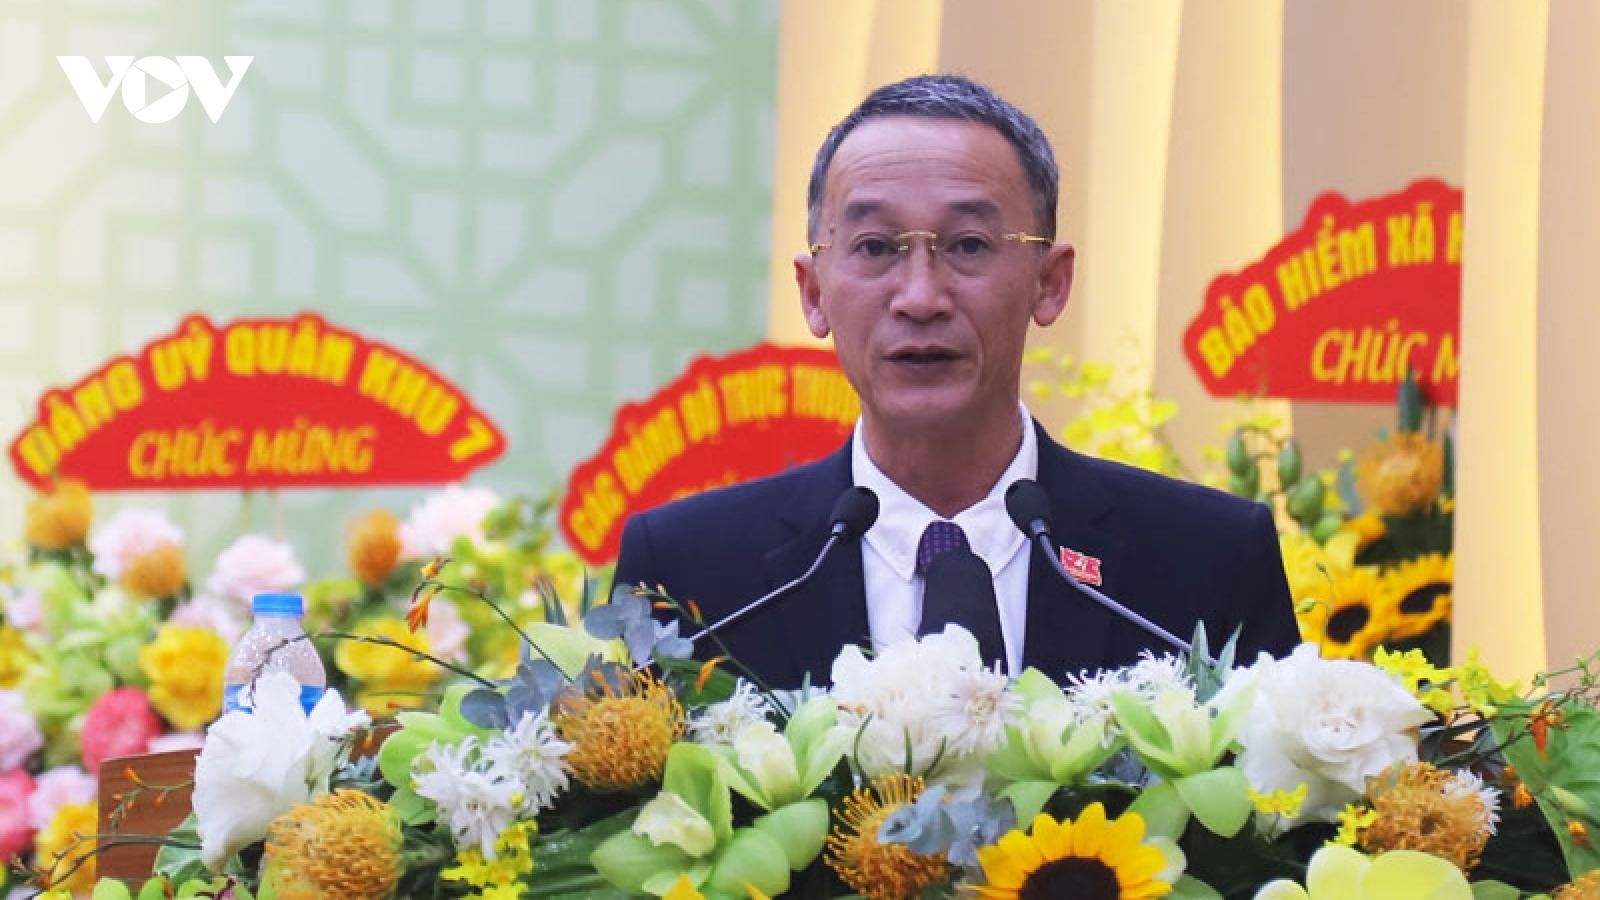 Ông Trần Văn Hiệp đượcbầu làm Chủ tịch UBND tỉnh Lâm Đồng